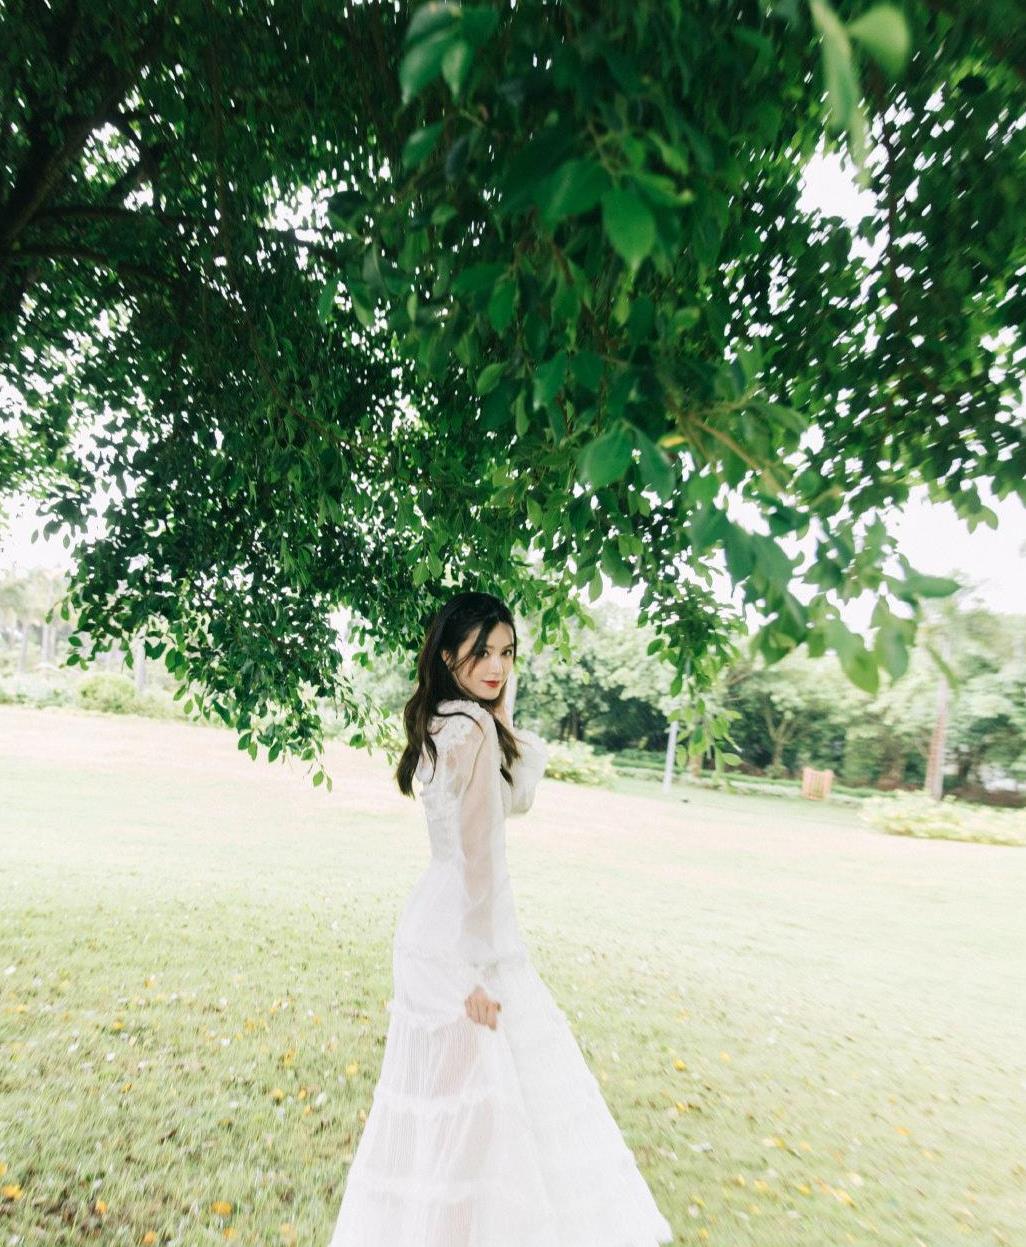 文咏珊的衣品真好,穿白色仙女裙配中分长发,时尚优雅更显高级感